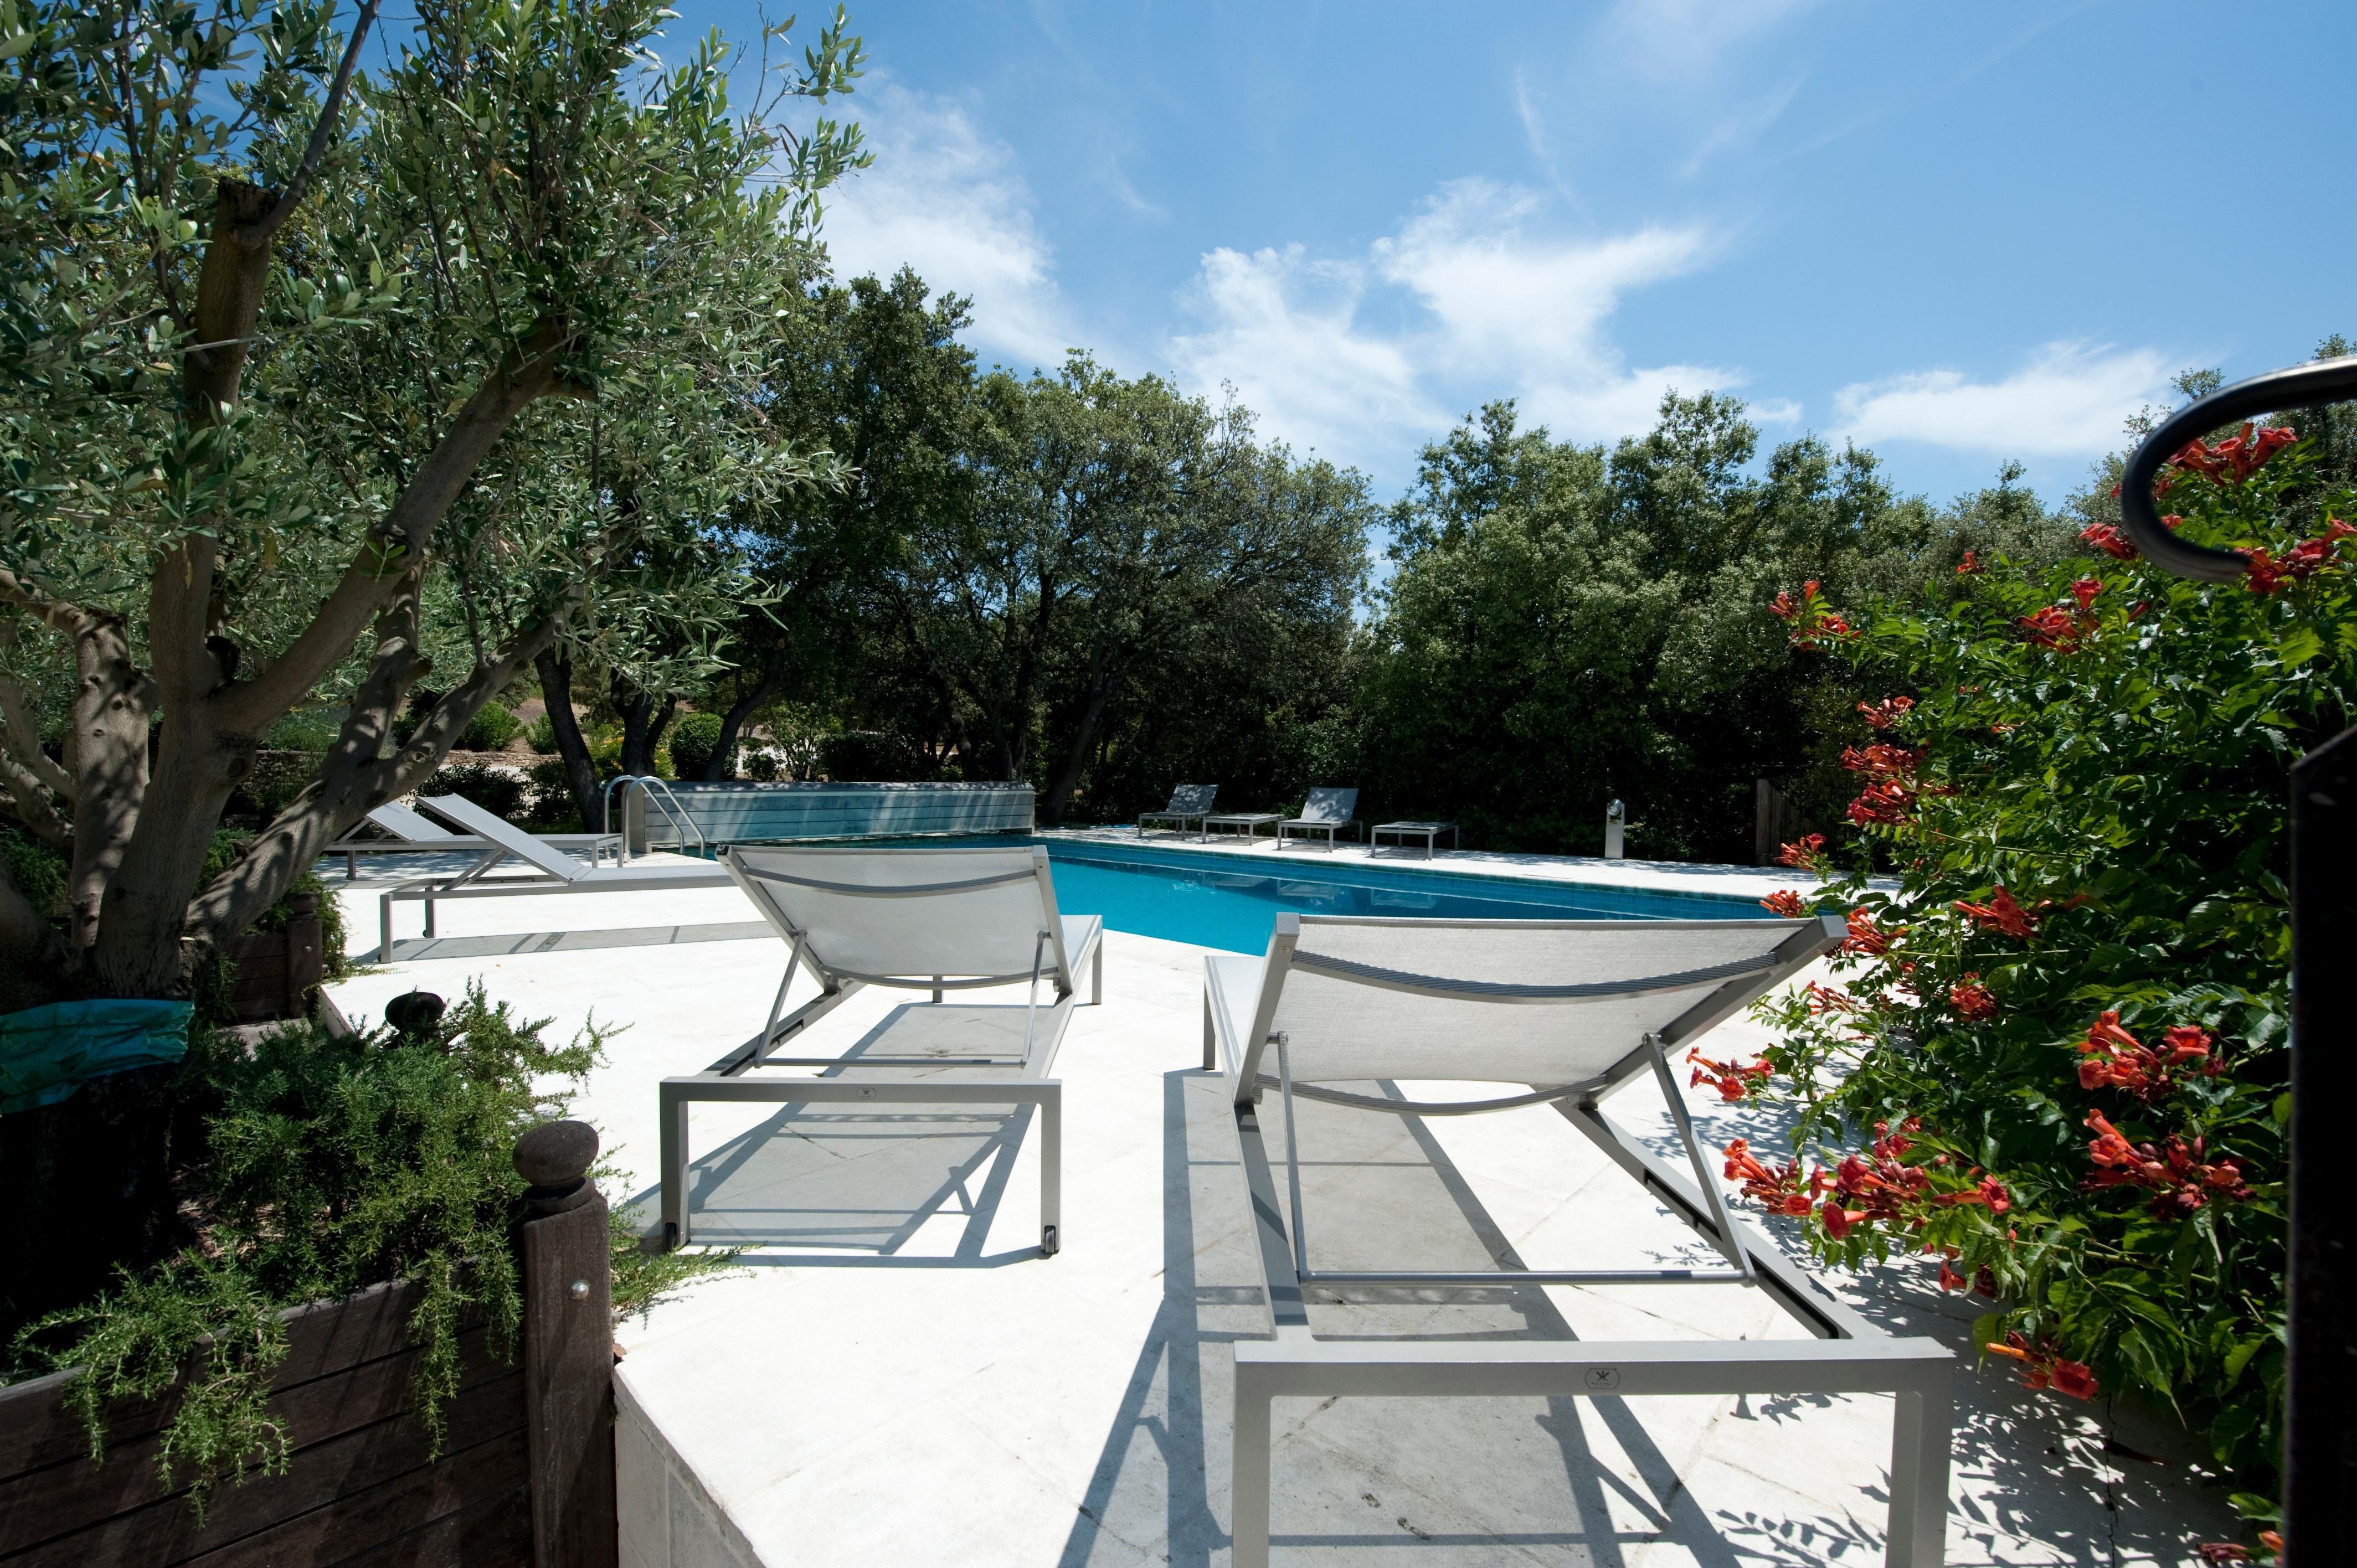 Provence location villa luberon avec piscine privee - Location luberon piscine ...